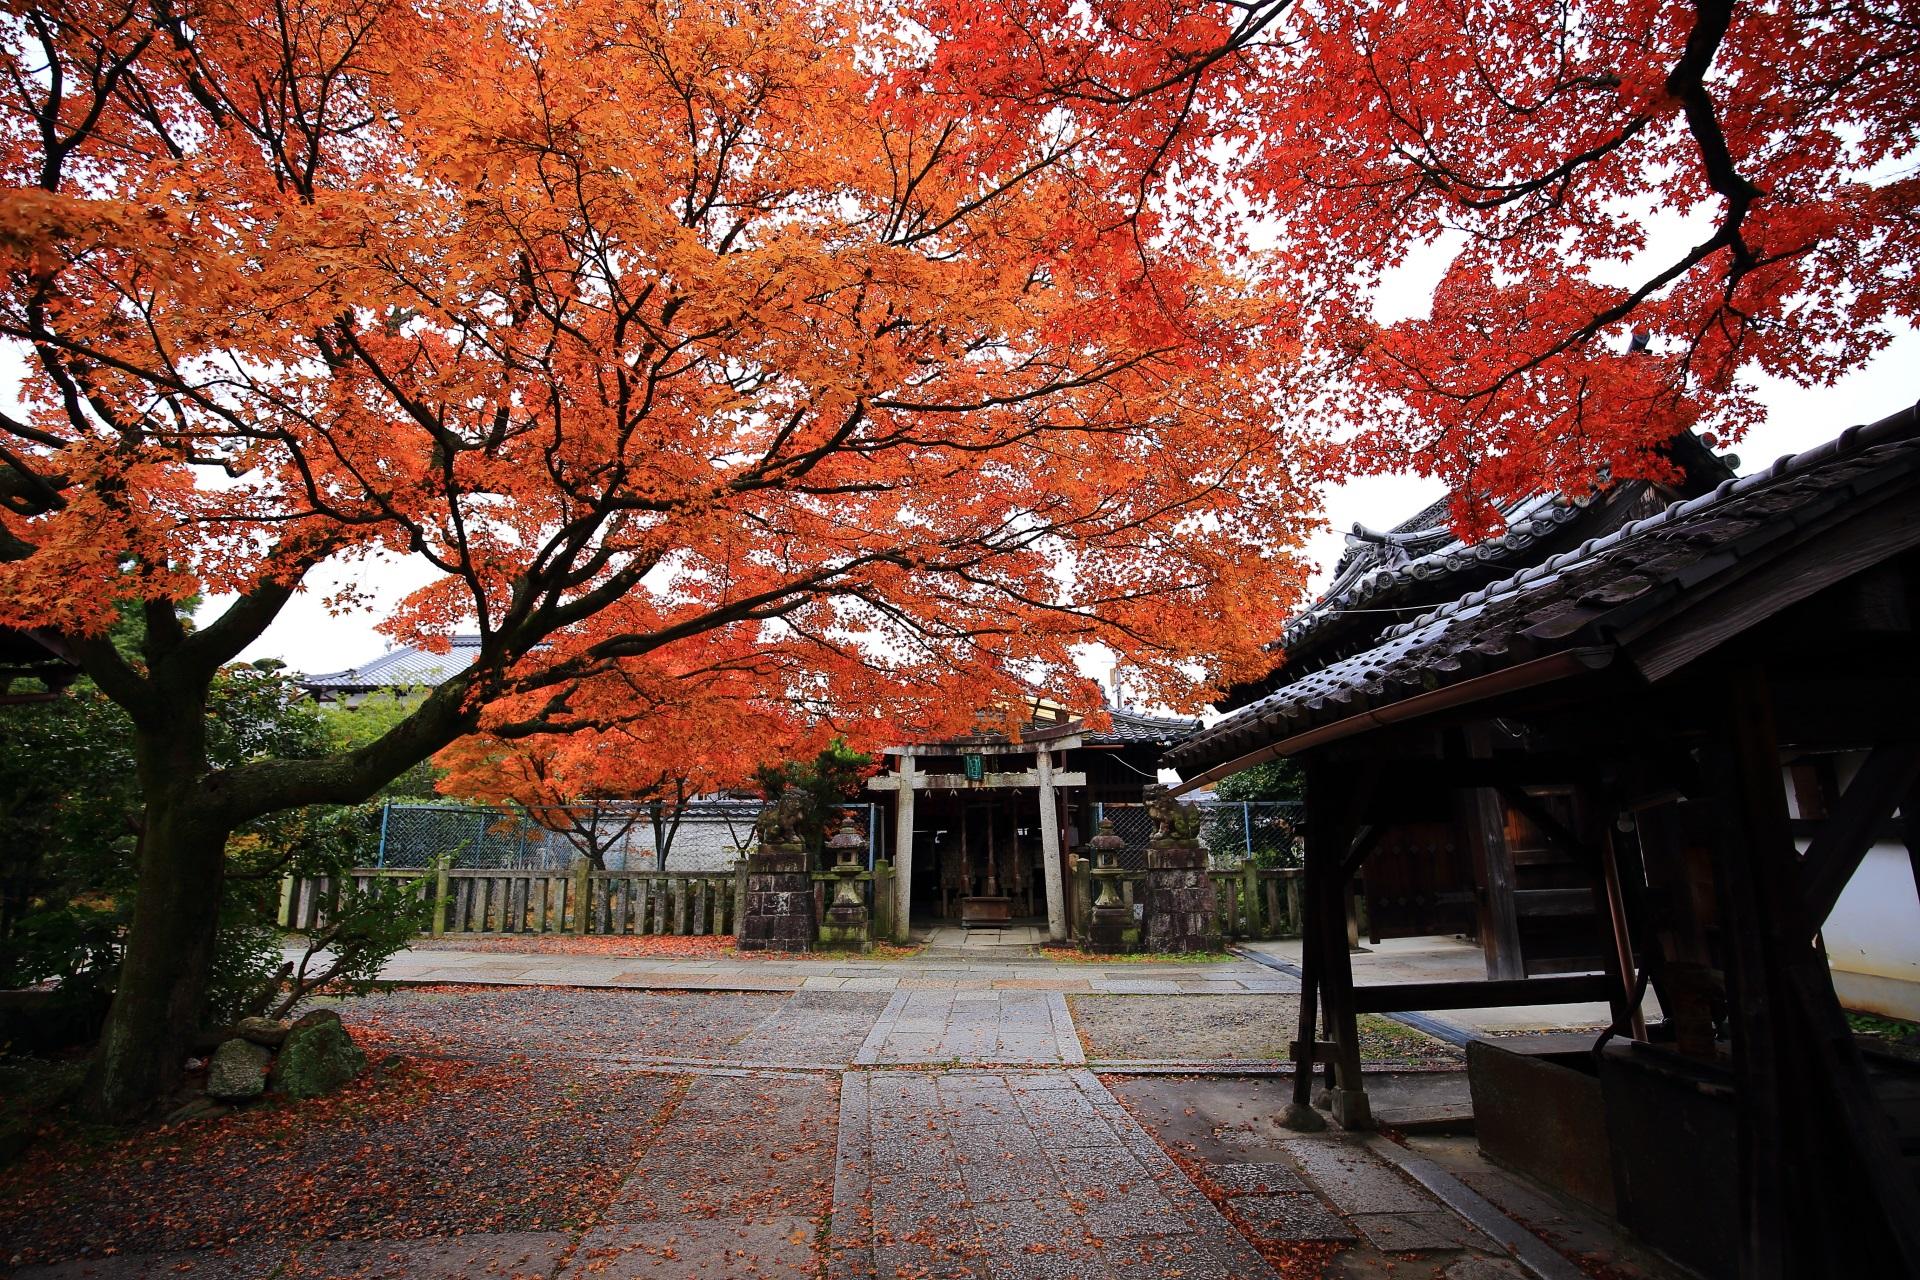 養源院の毘沙門天前の空を覆うような紅葉